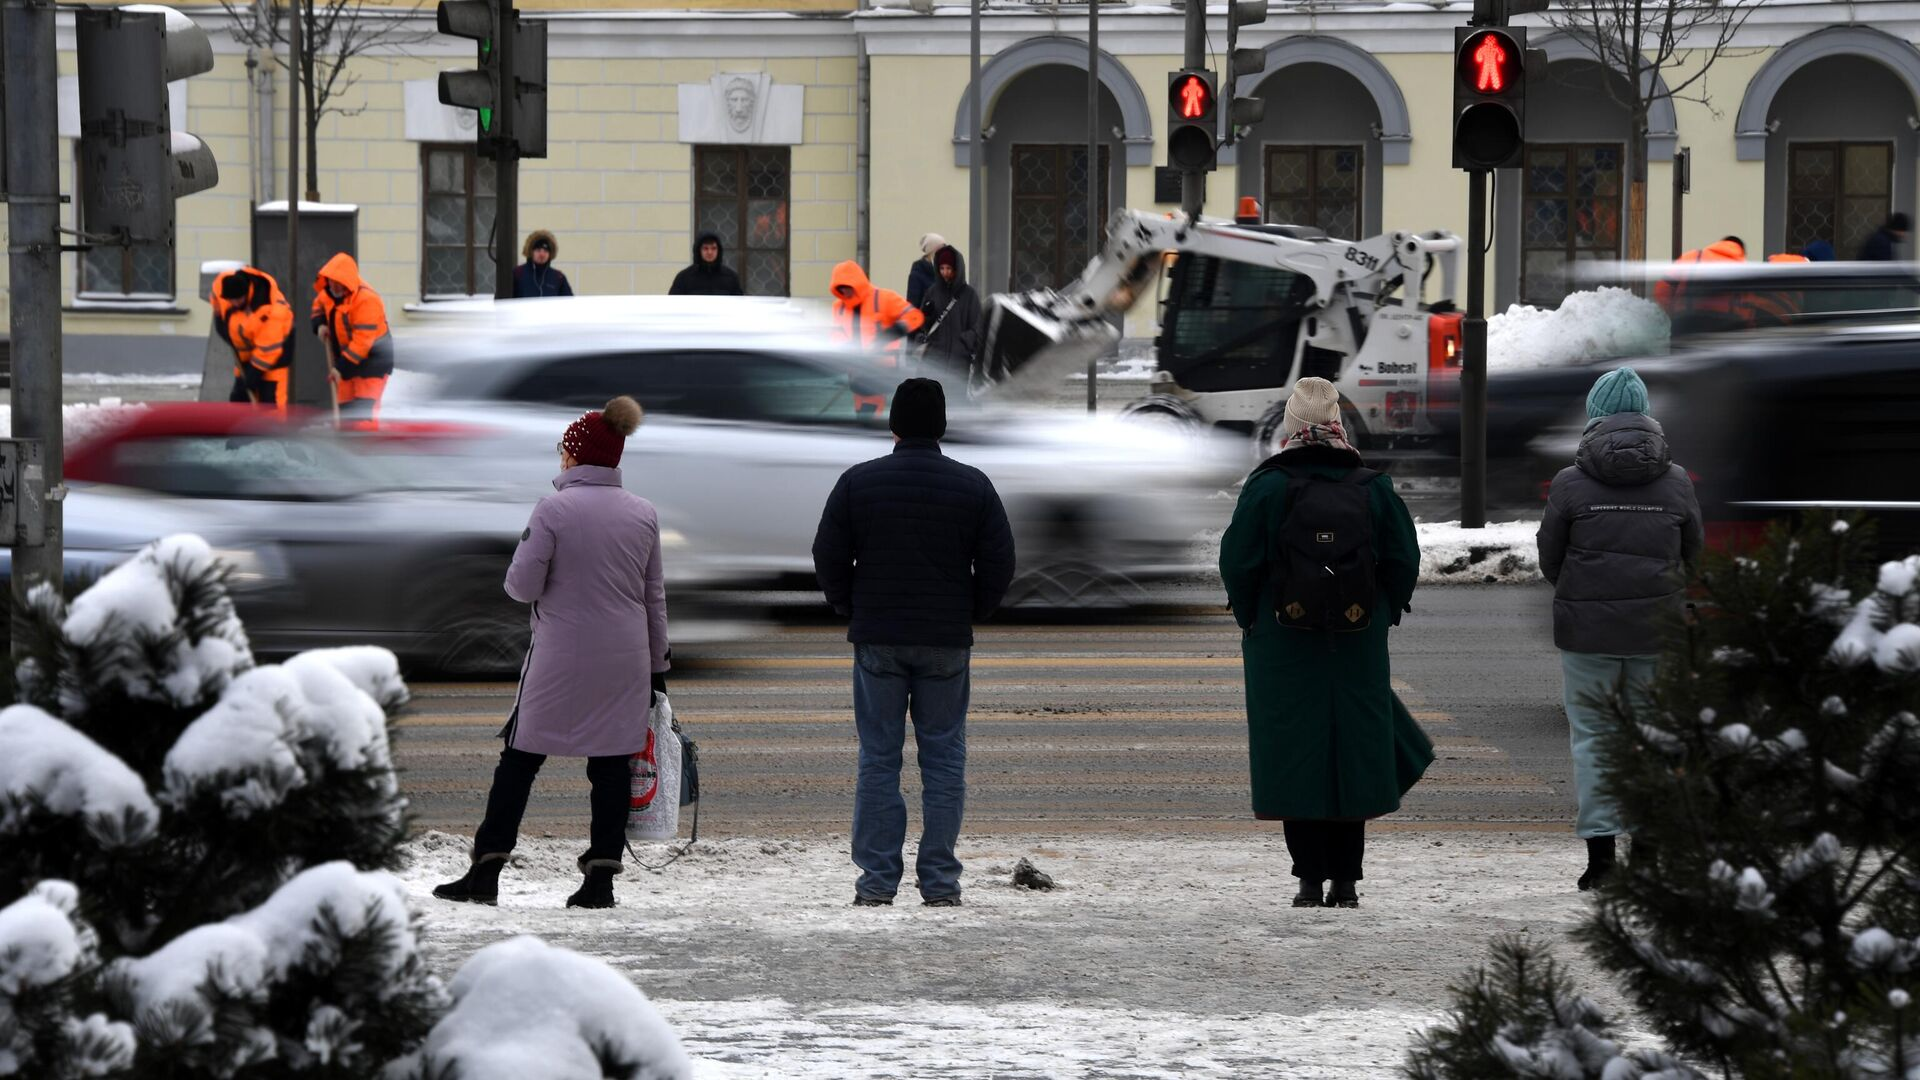 Люди переходят дорогу на одной из улиц в Москве - РИА Новости, 1920, 26.01.2021